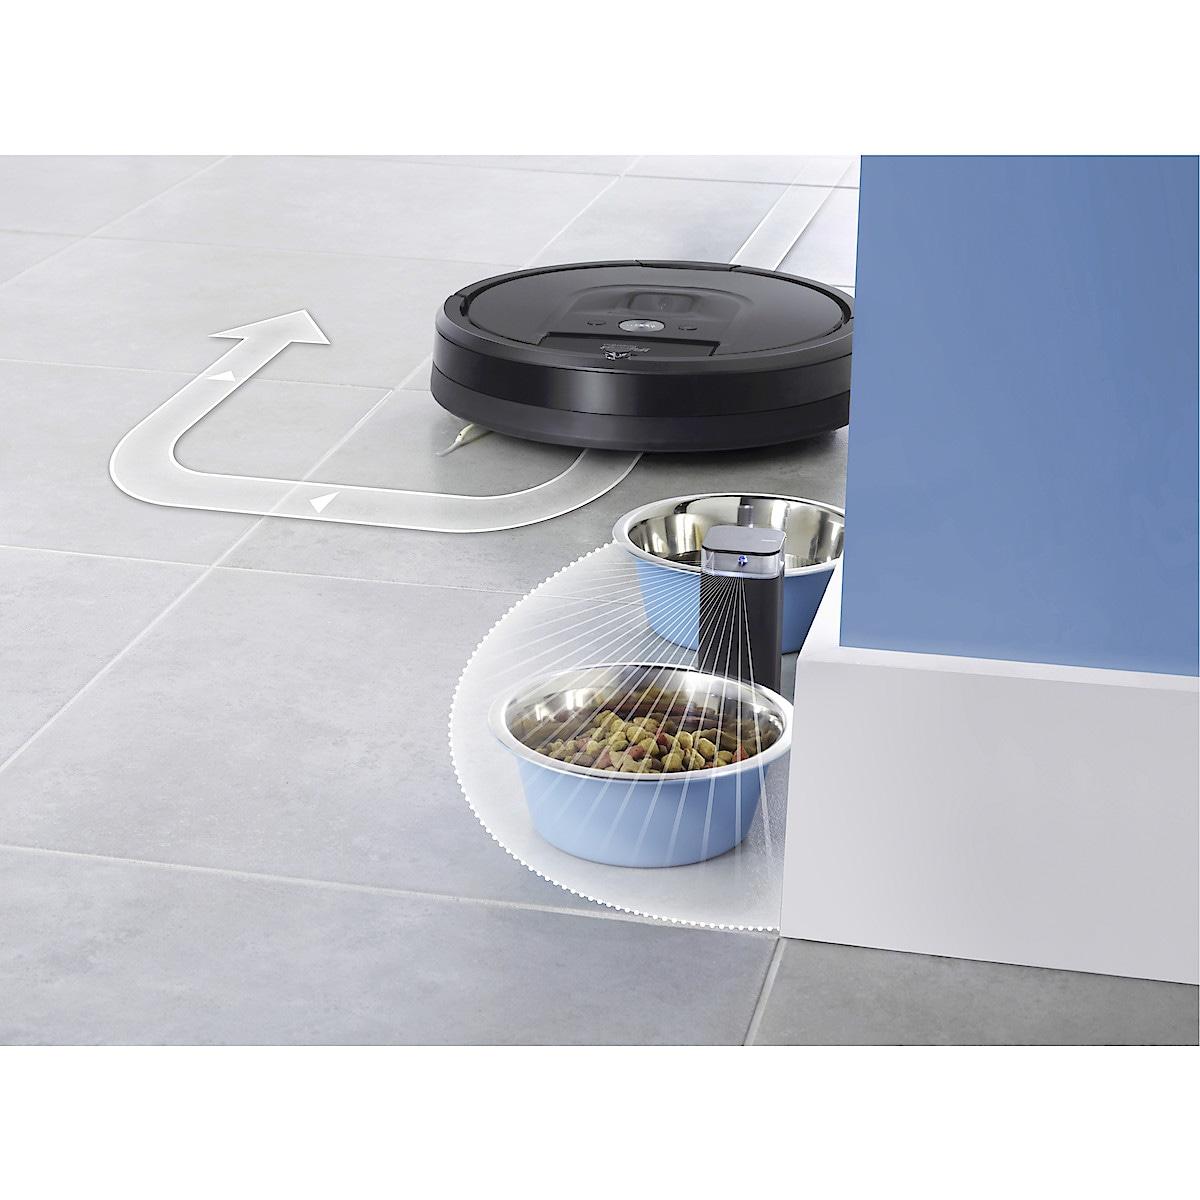 Robotdammsugare iRobot Roomba 980